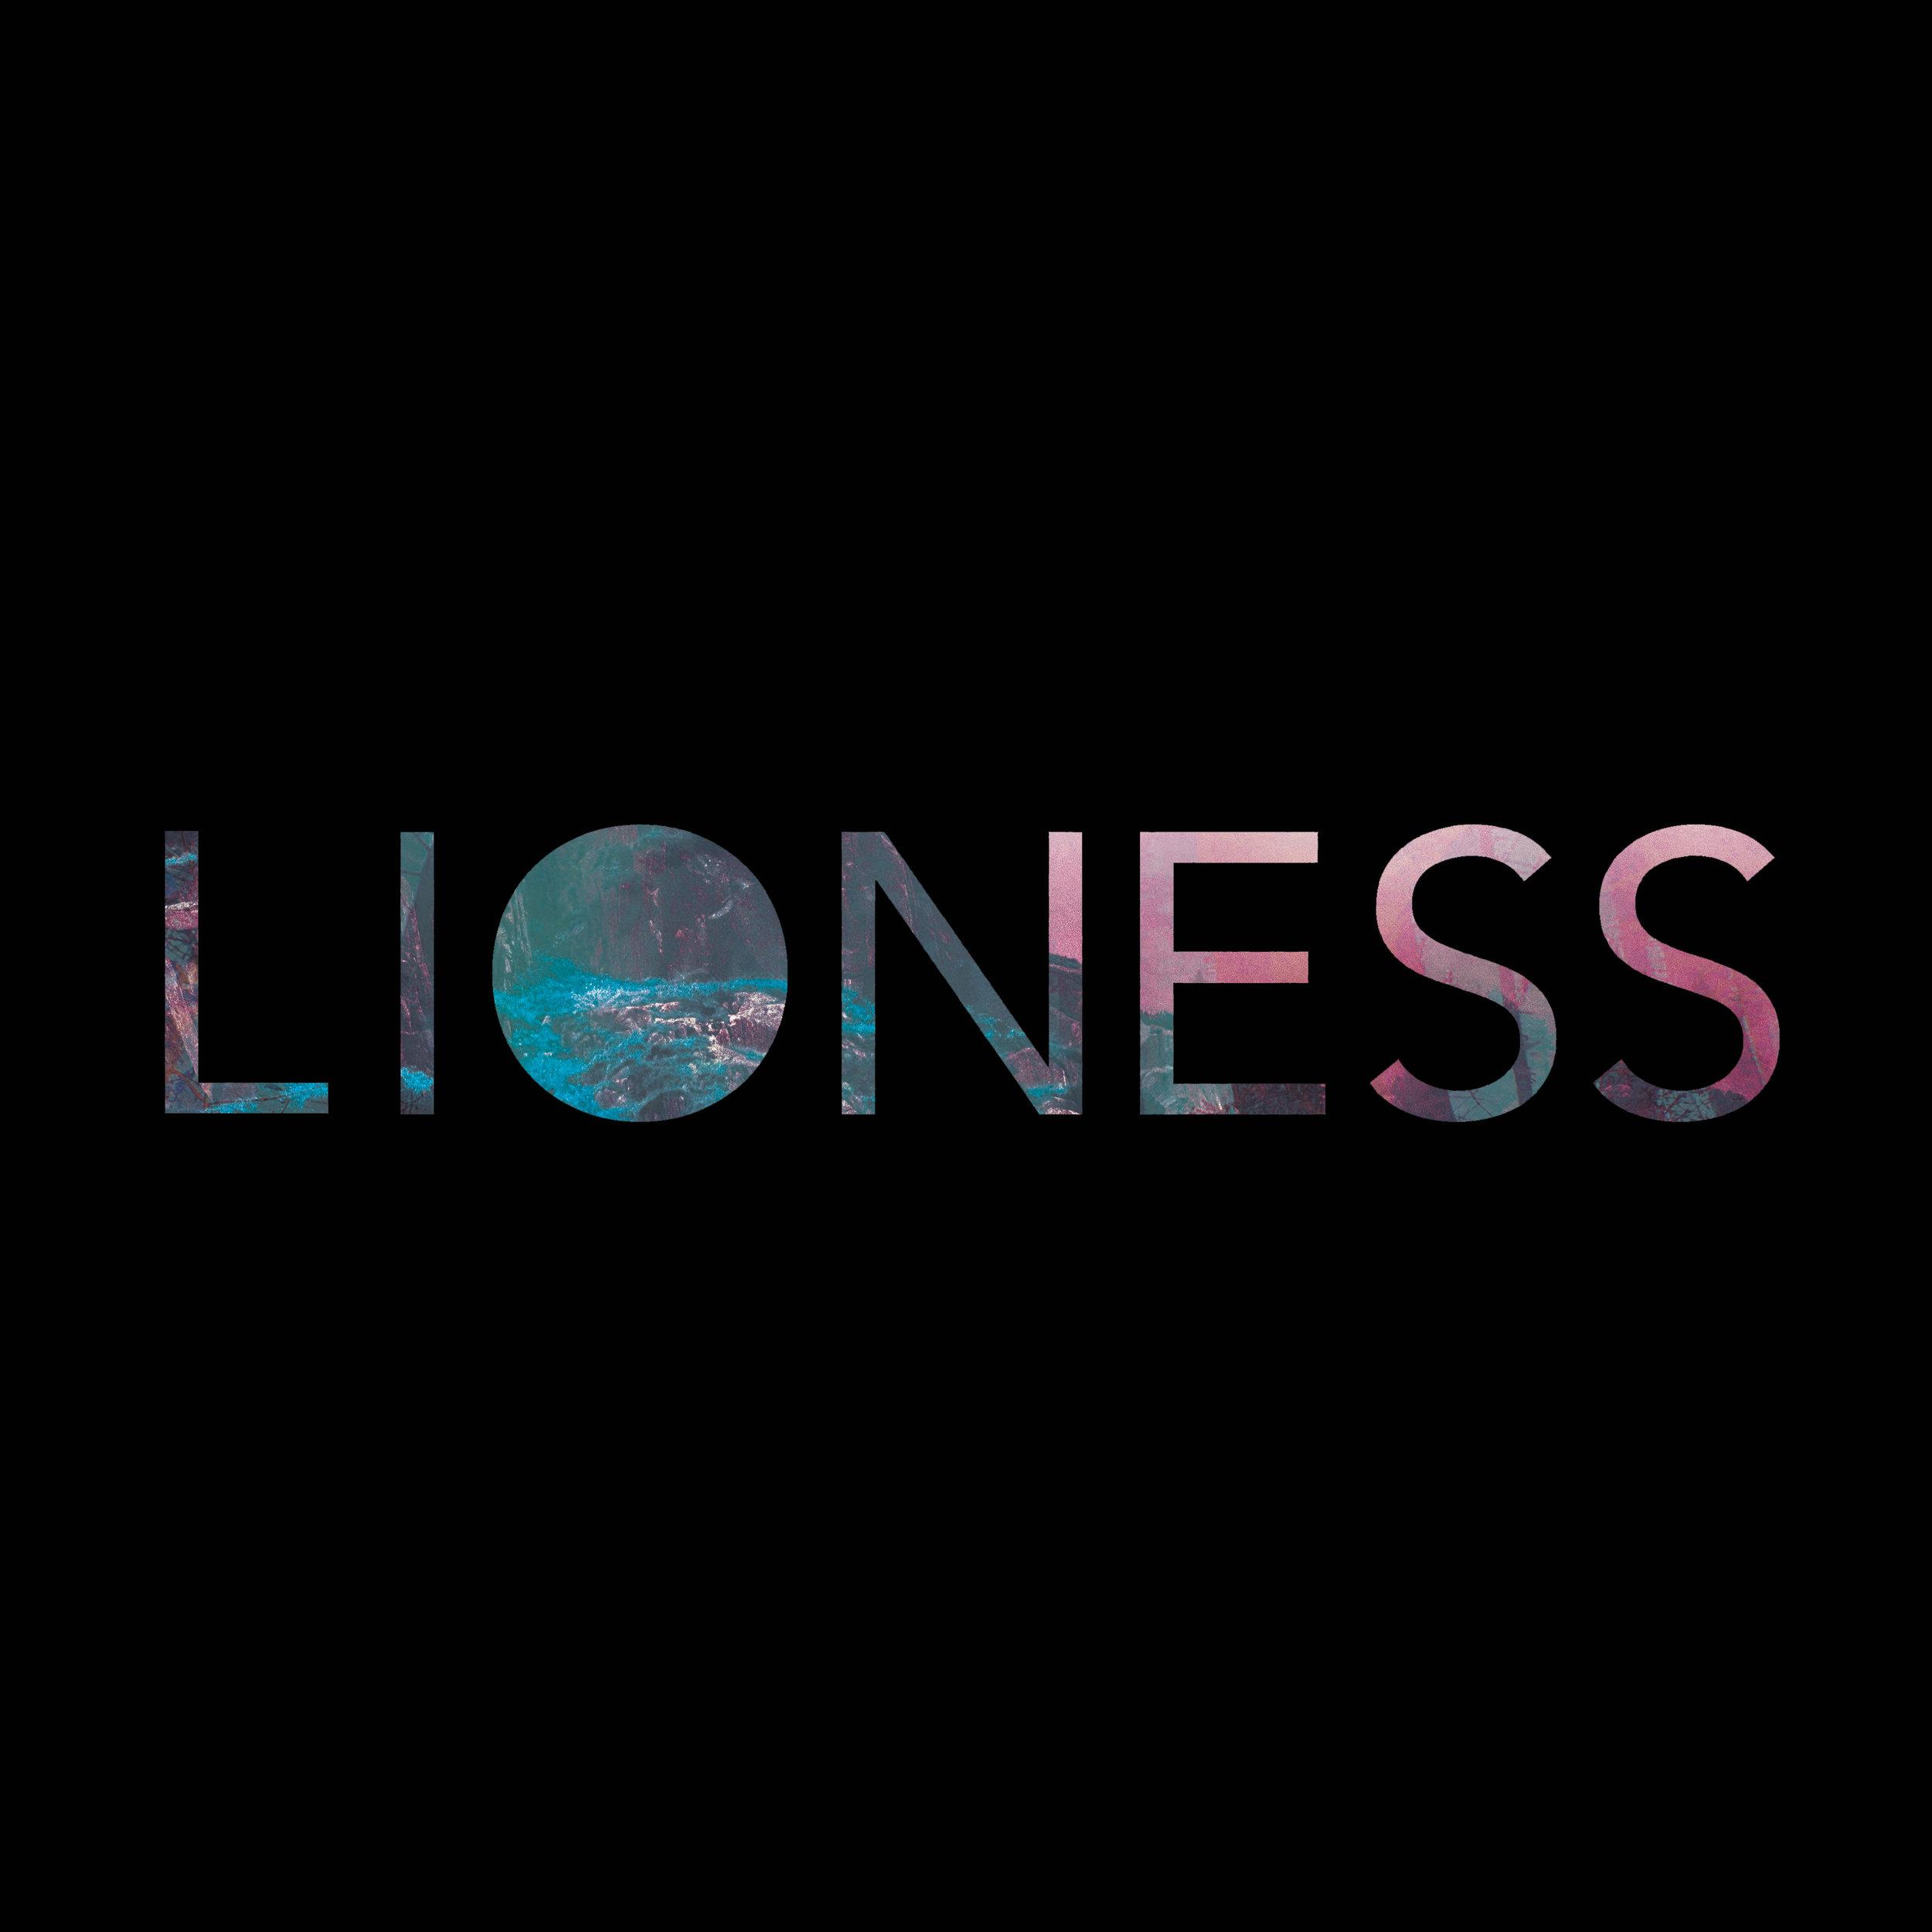 LIONESSartFRONT.jpg